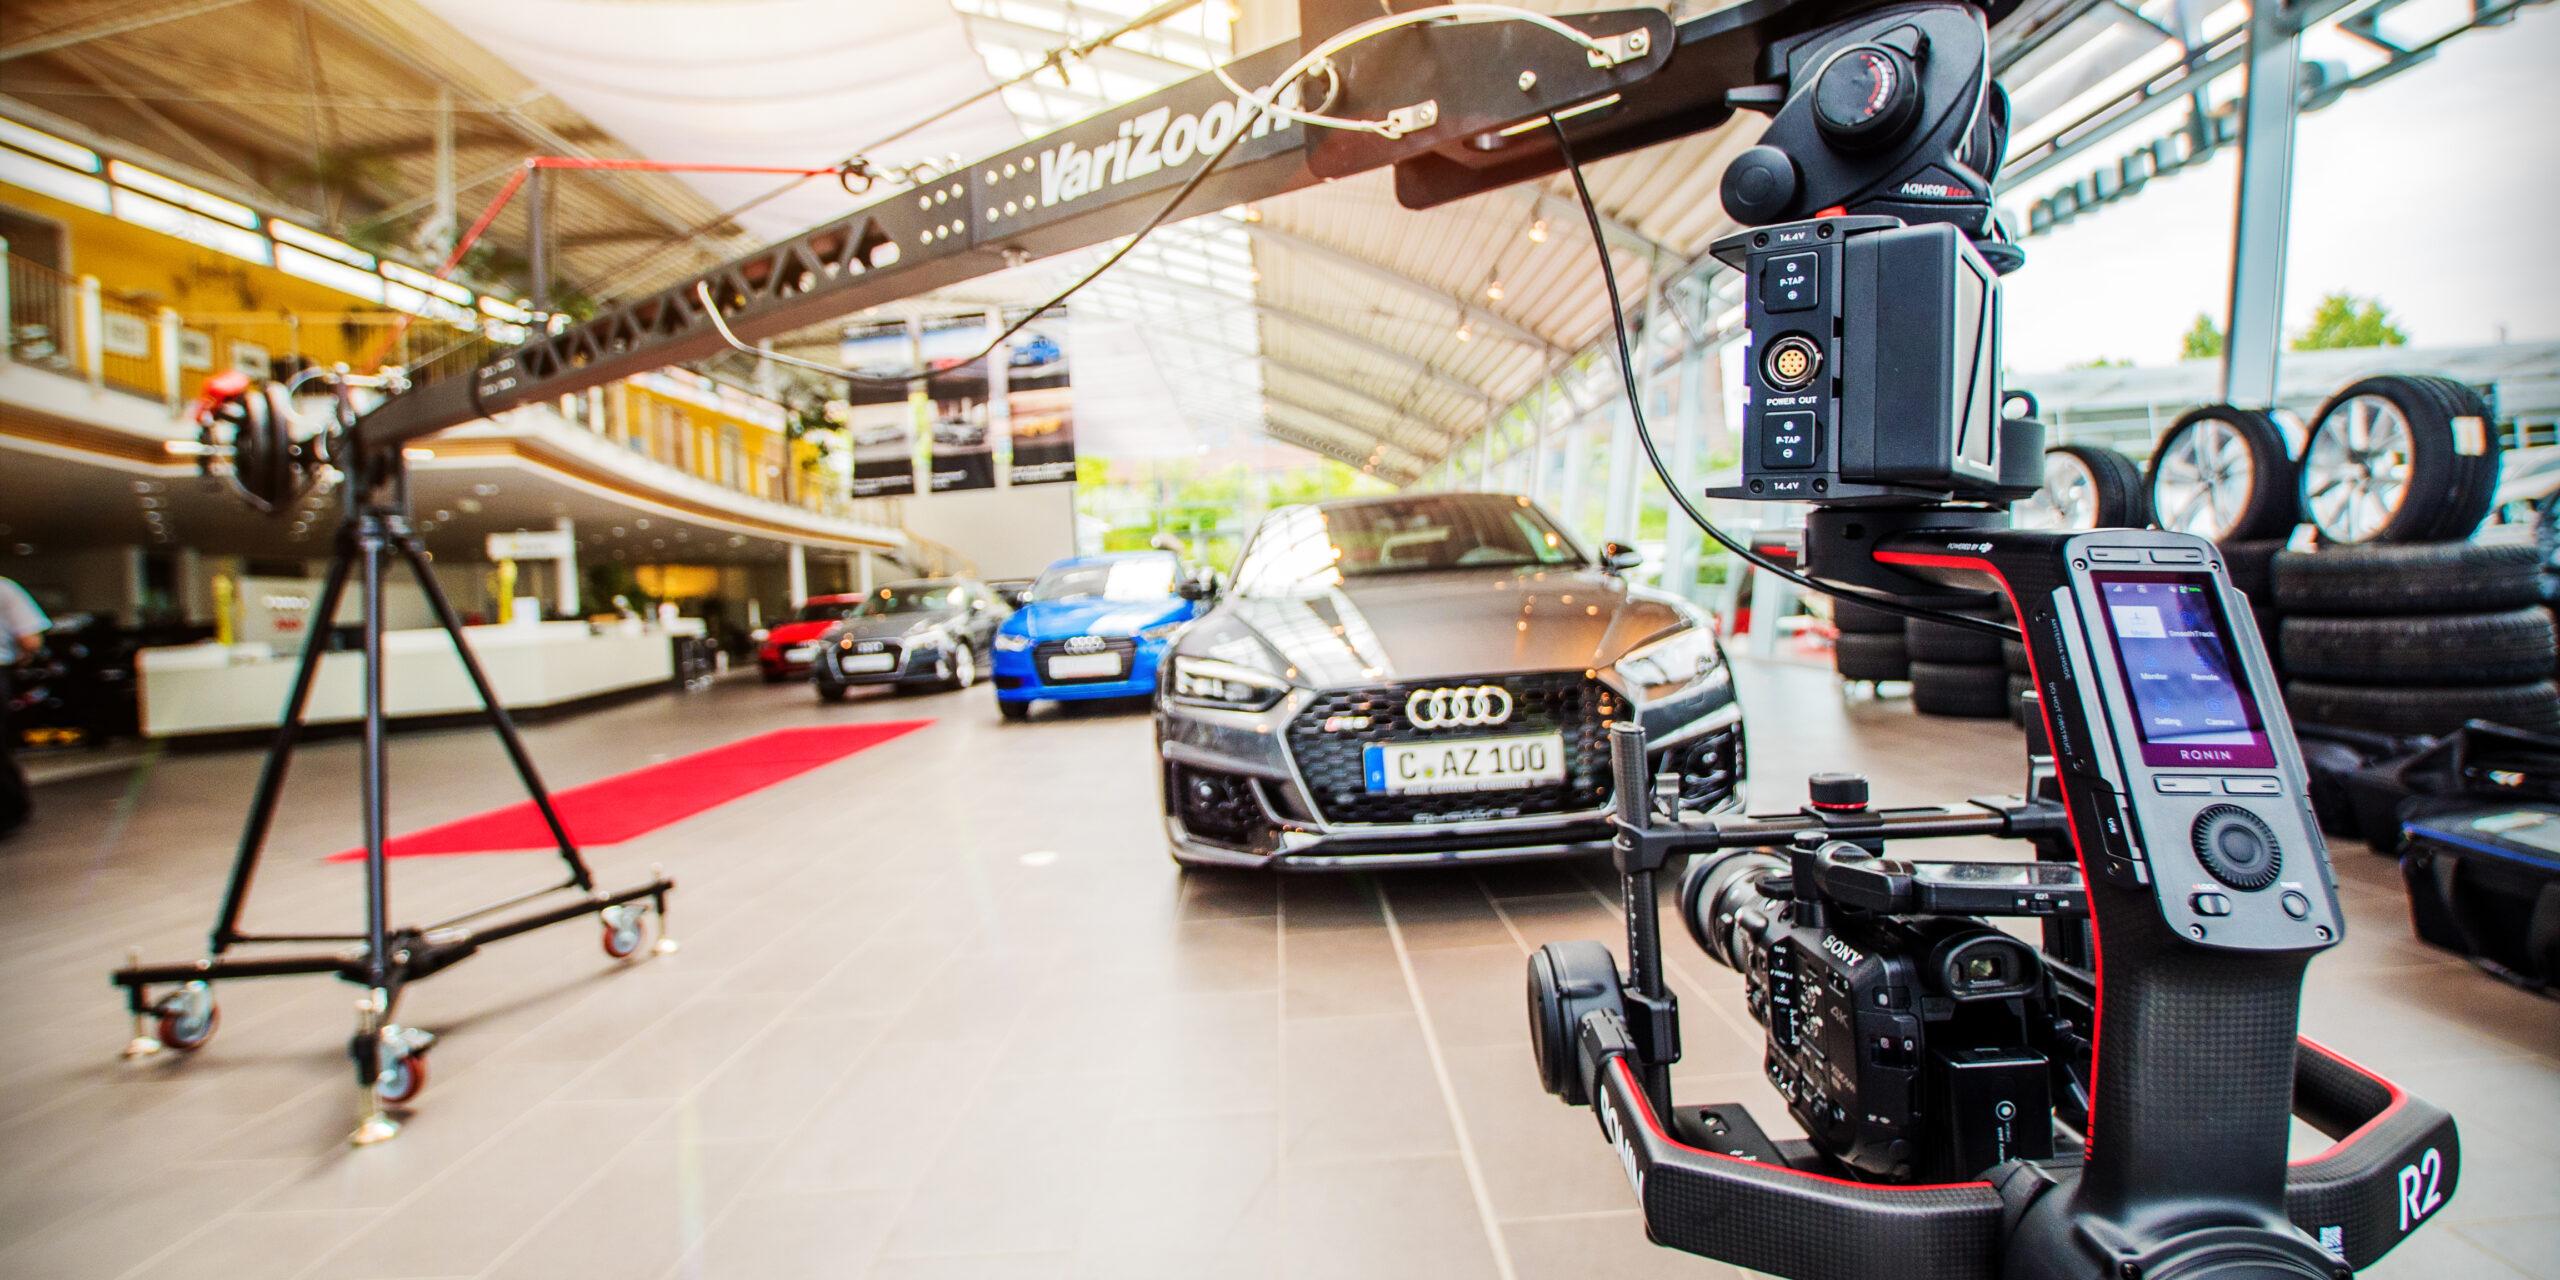 Autohaus Automobil Videos Motorsport Video Film Filmteam Chemnitz Sachsen Dresden Leipzig Carporn